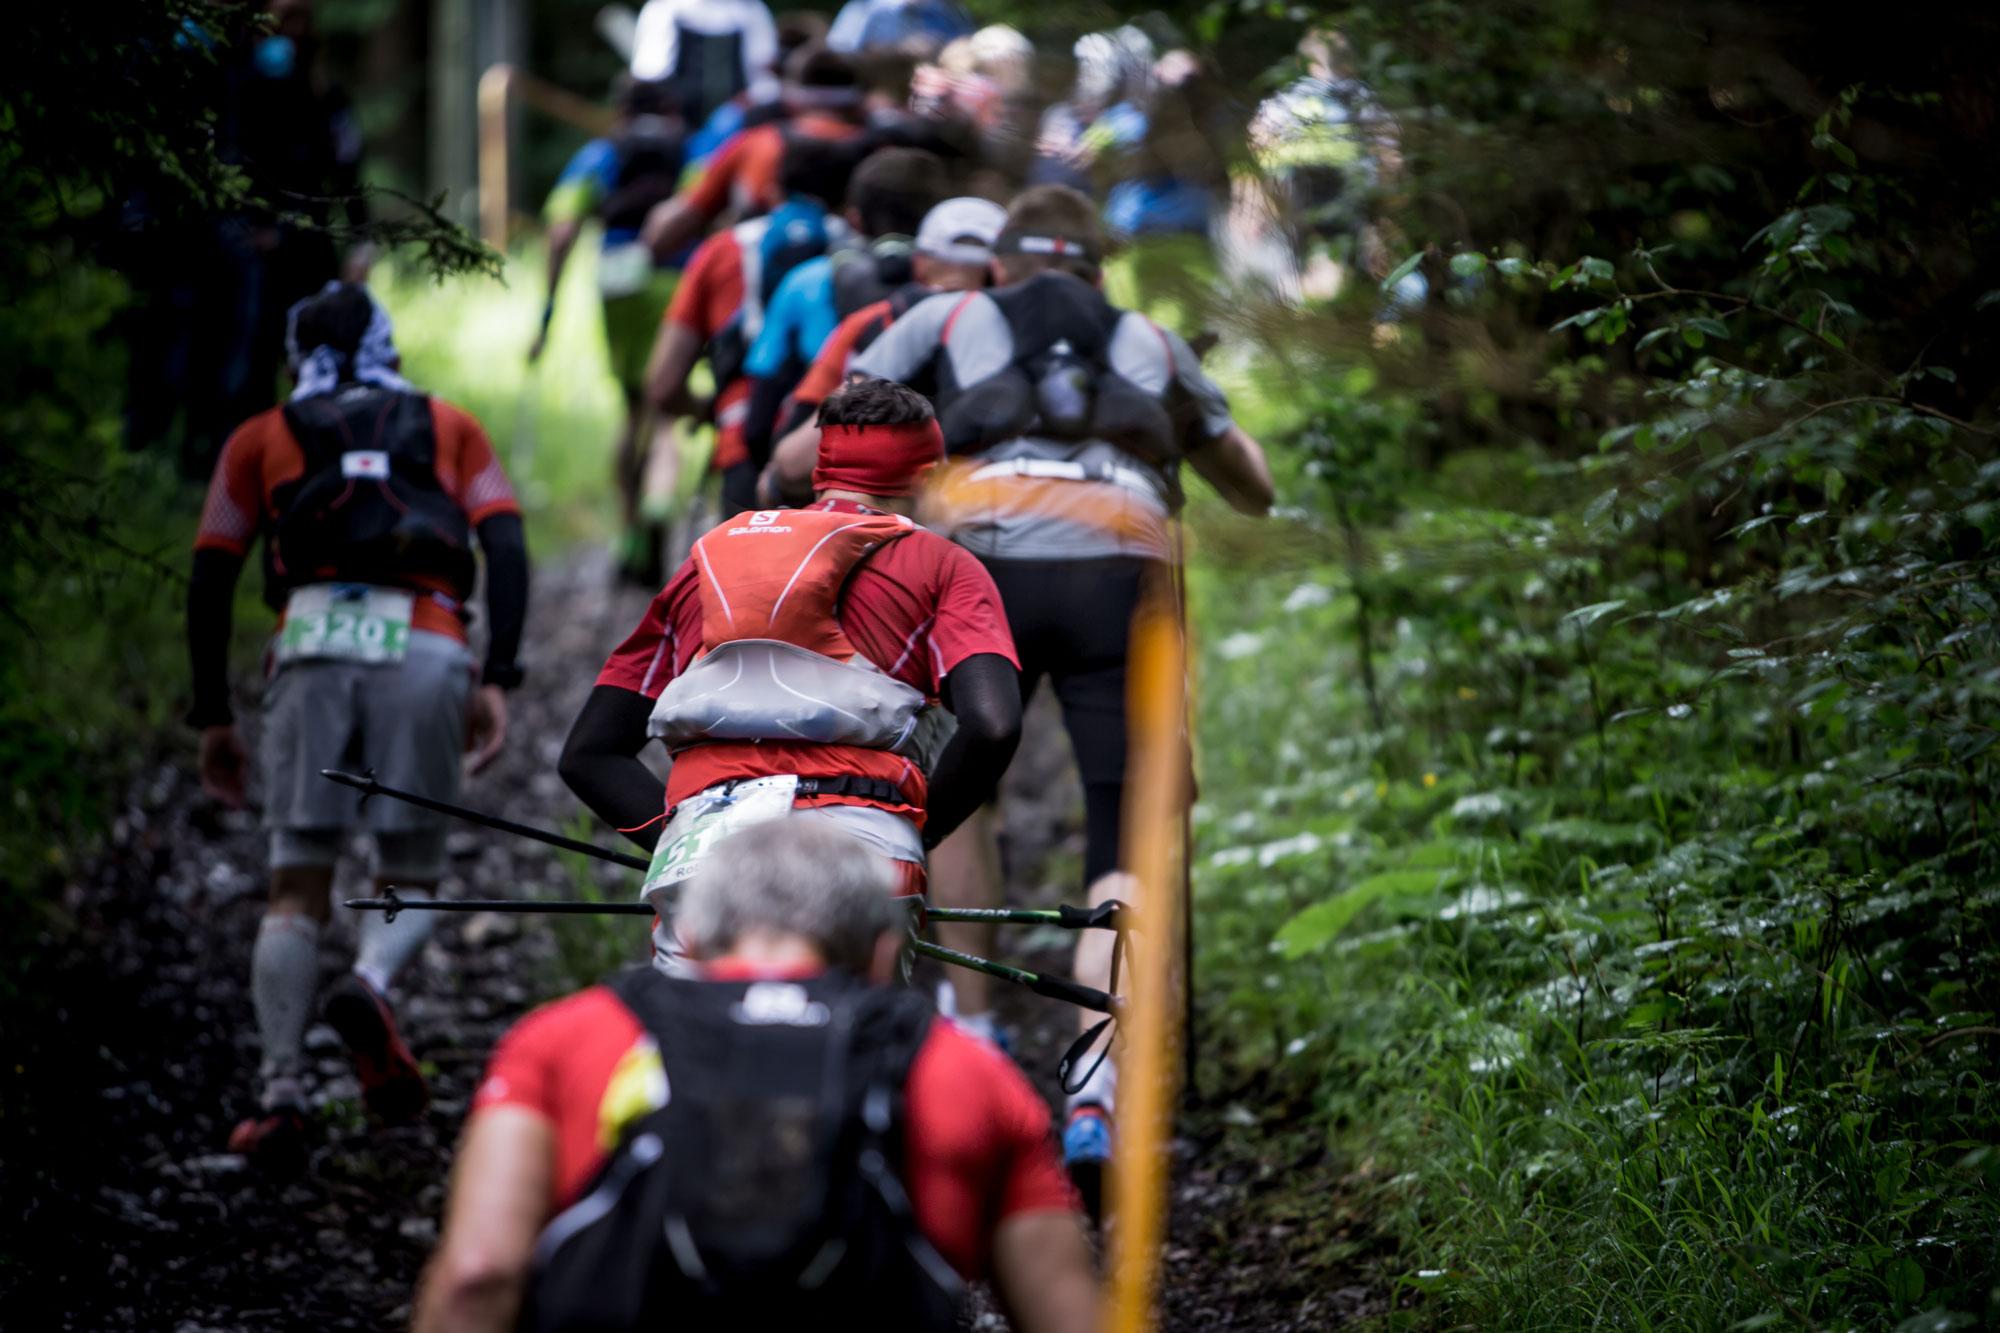 Tree Runner Klettergurt : Trail running basic guide: how to get started